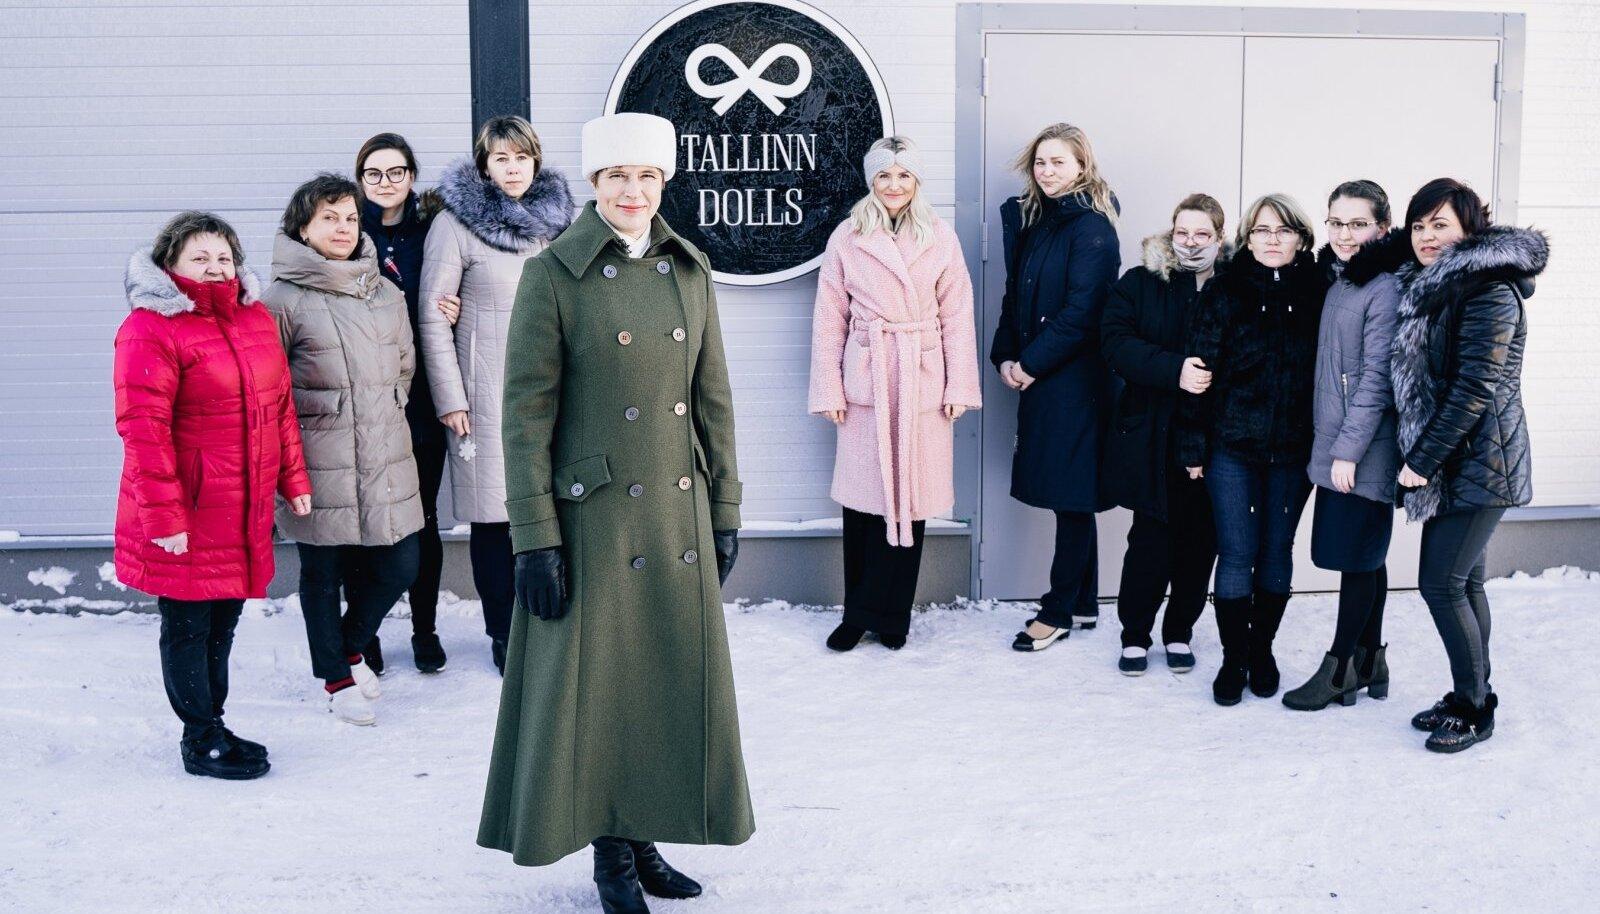 """Tallinn Dollsi juhi Mari Martini (keskel roosas mantlis) sõnul mõjus see, et president Kersti Kaljulaid jaanuaris nende uut tootmishoonet vaatamas käis, ka ettevõtte töötajale motiveerivalt. """"Just see, et ta leidis aega tulla tootmisse,"""" põhjendas Martin."""